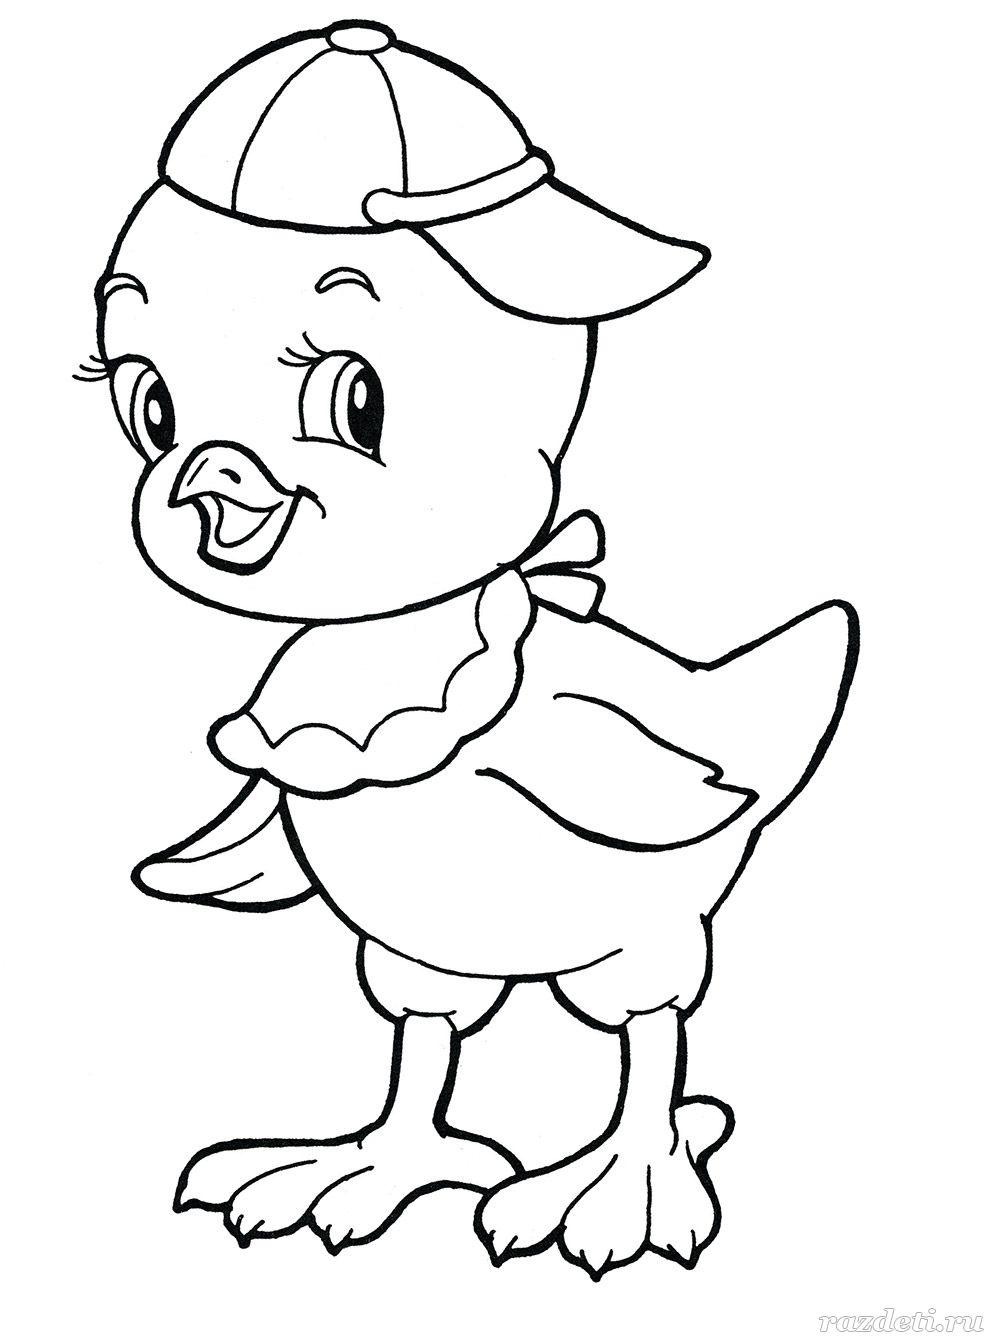 Раскраски «Детеныши животных» для детей 4-7 лет распечатать